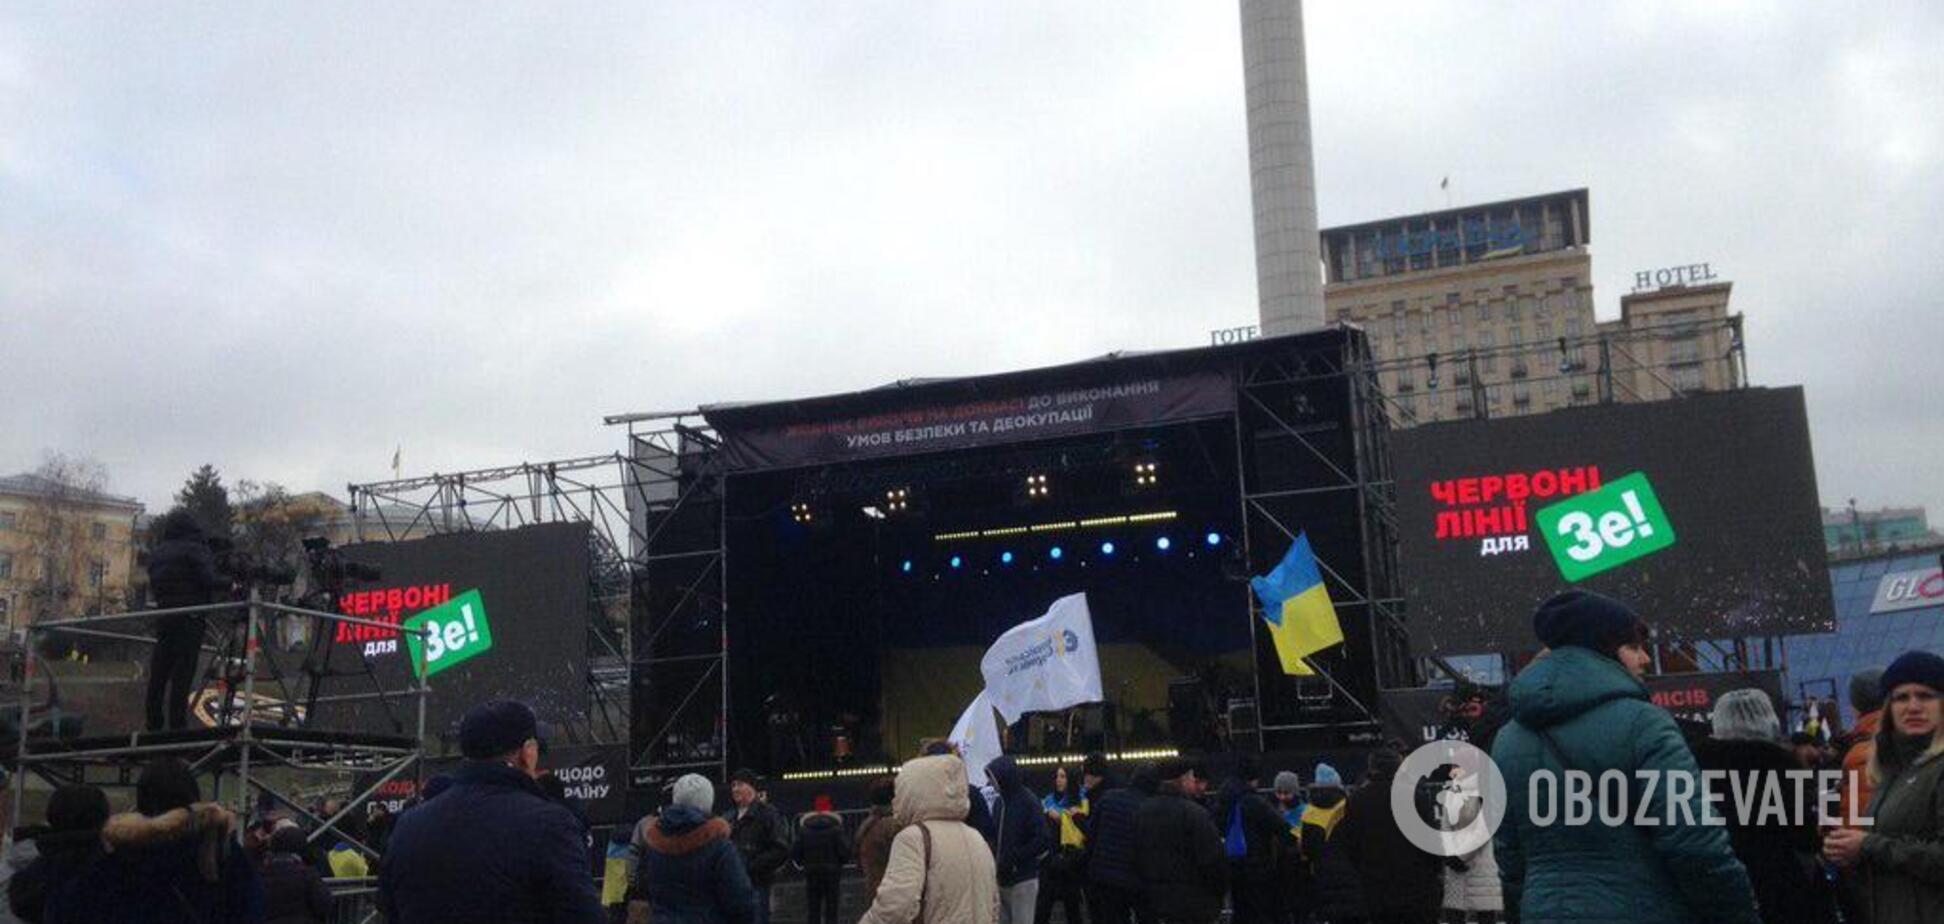 У Києві відбувся Майдан проти капітуляції: усі подробиці